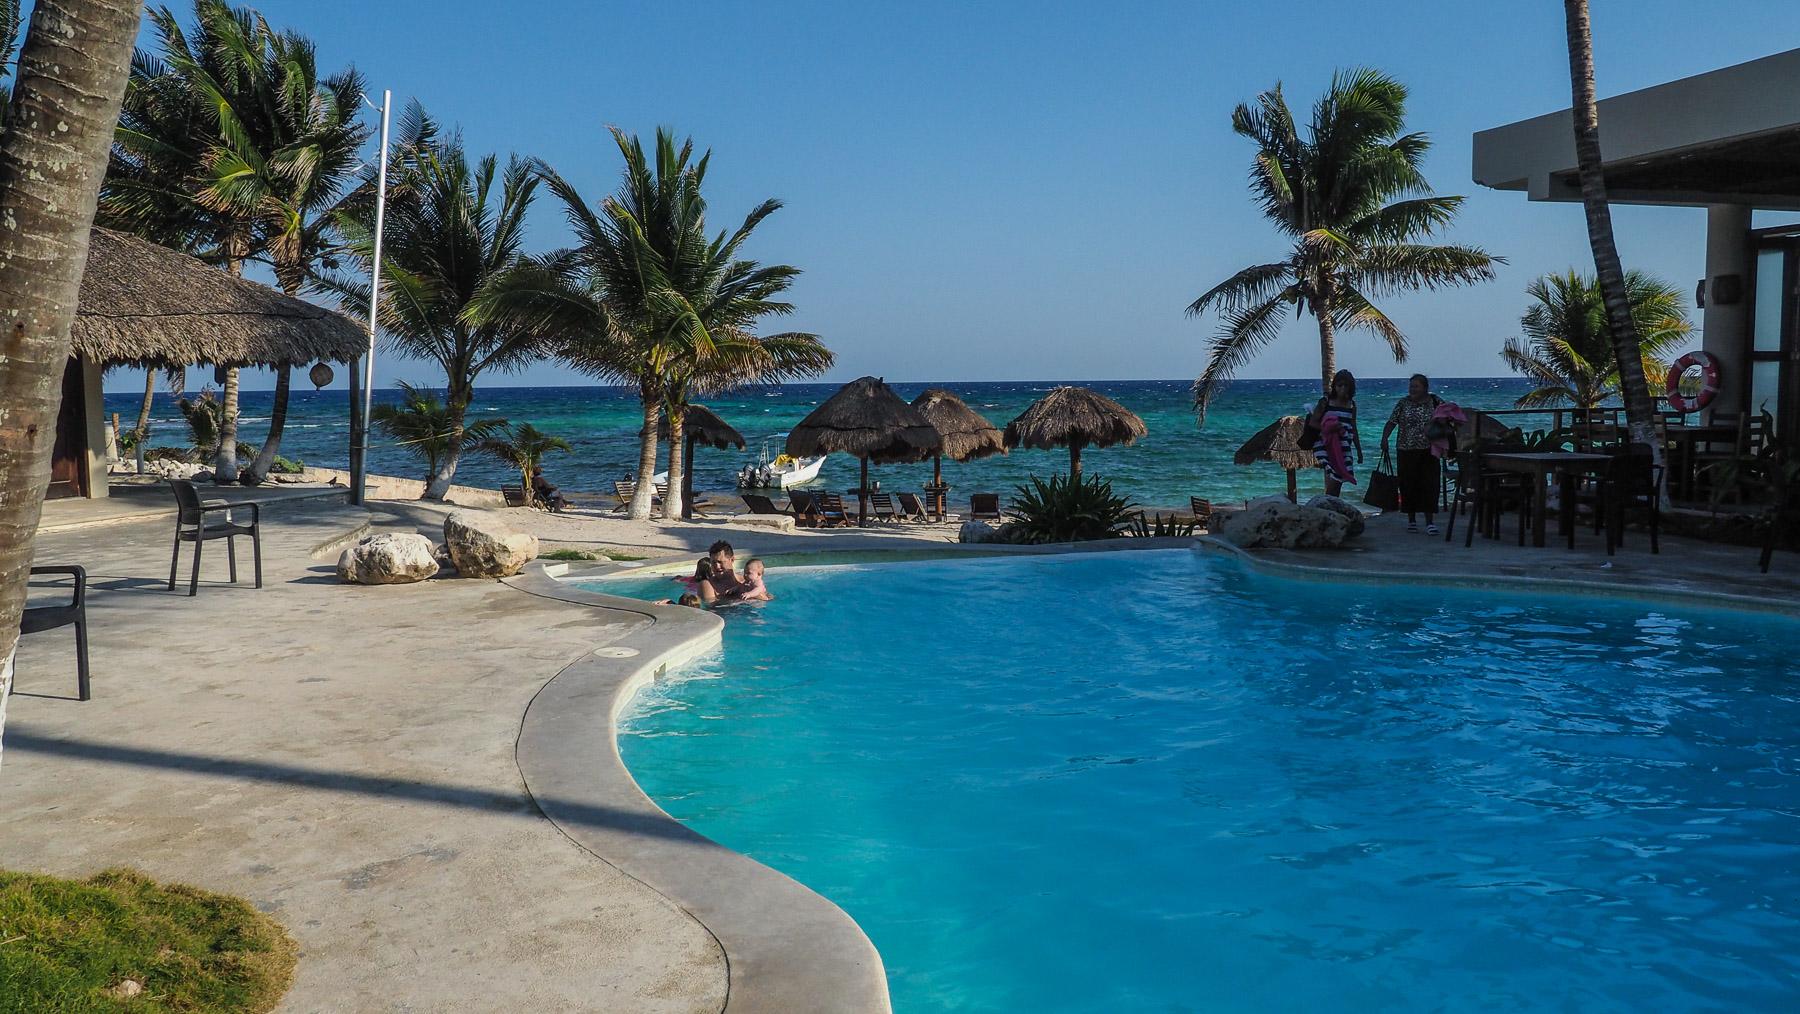 Paamul Resort